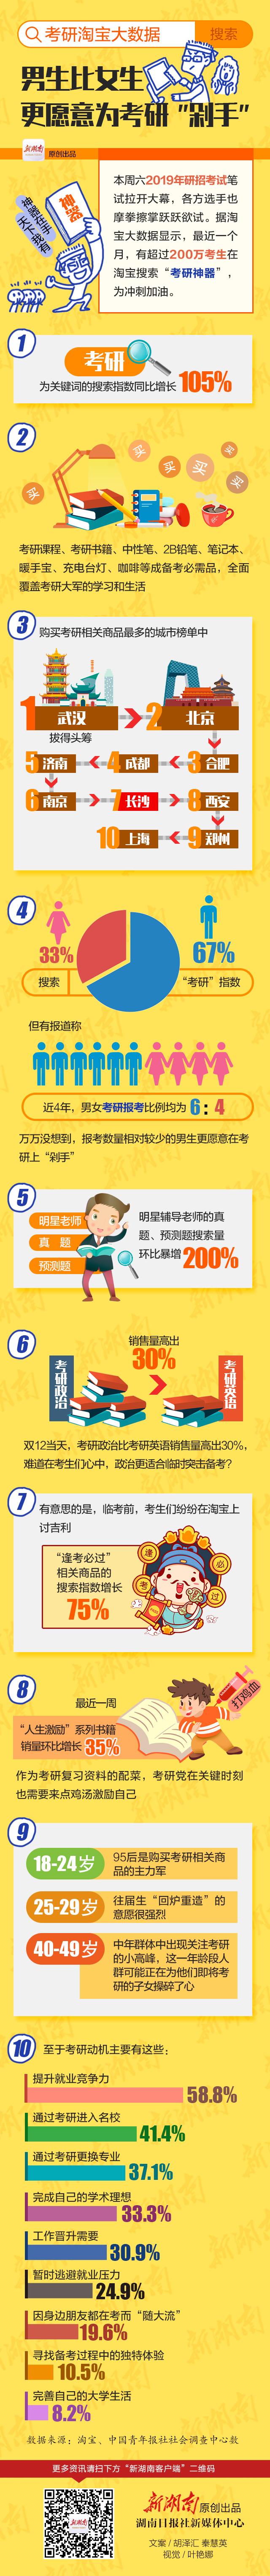 """考研网购大数据丨男生比女生更愿意为考研""""剁手"""""""